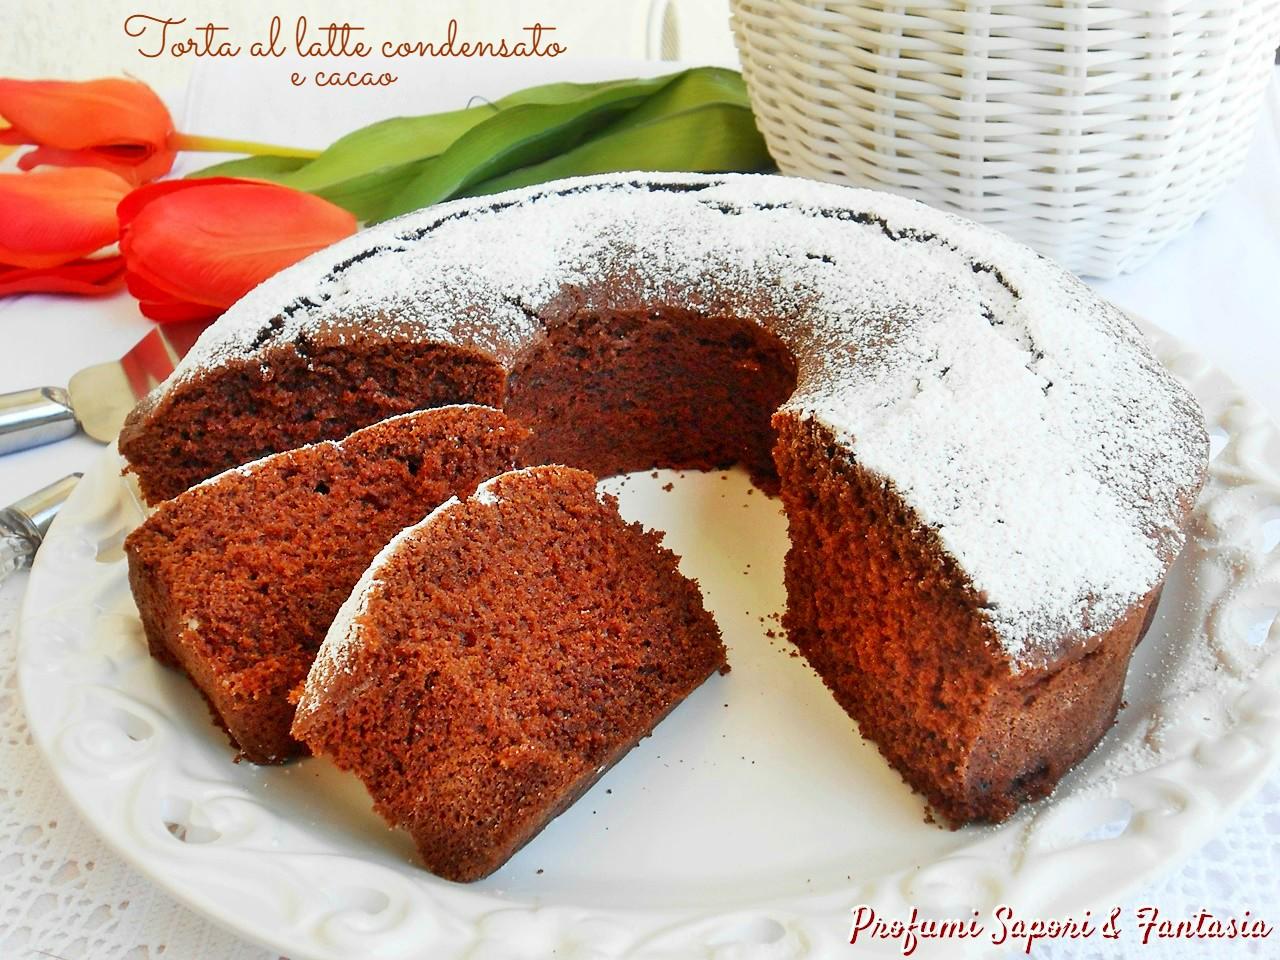 Torta al latte condensato e cacao 1